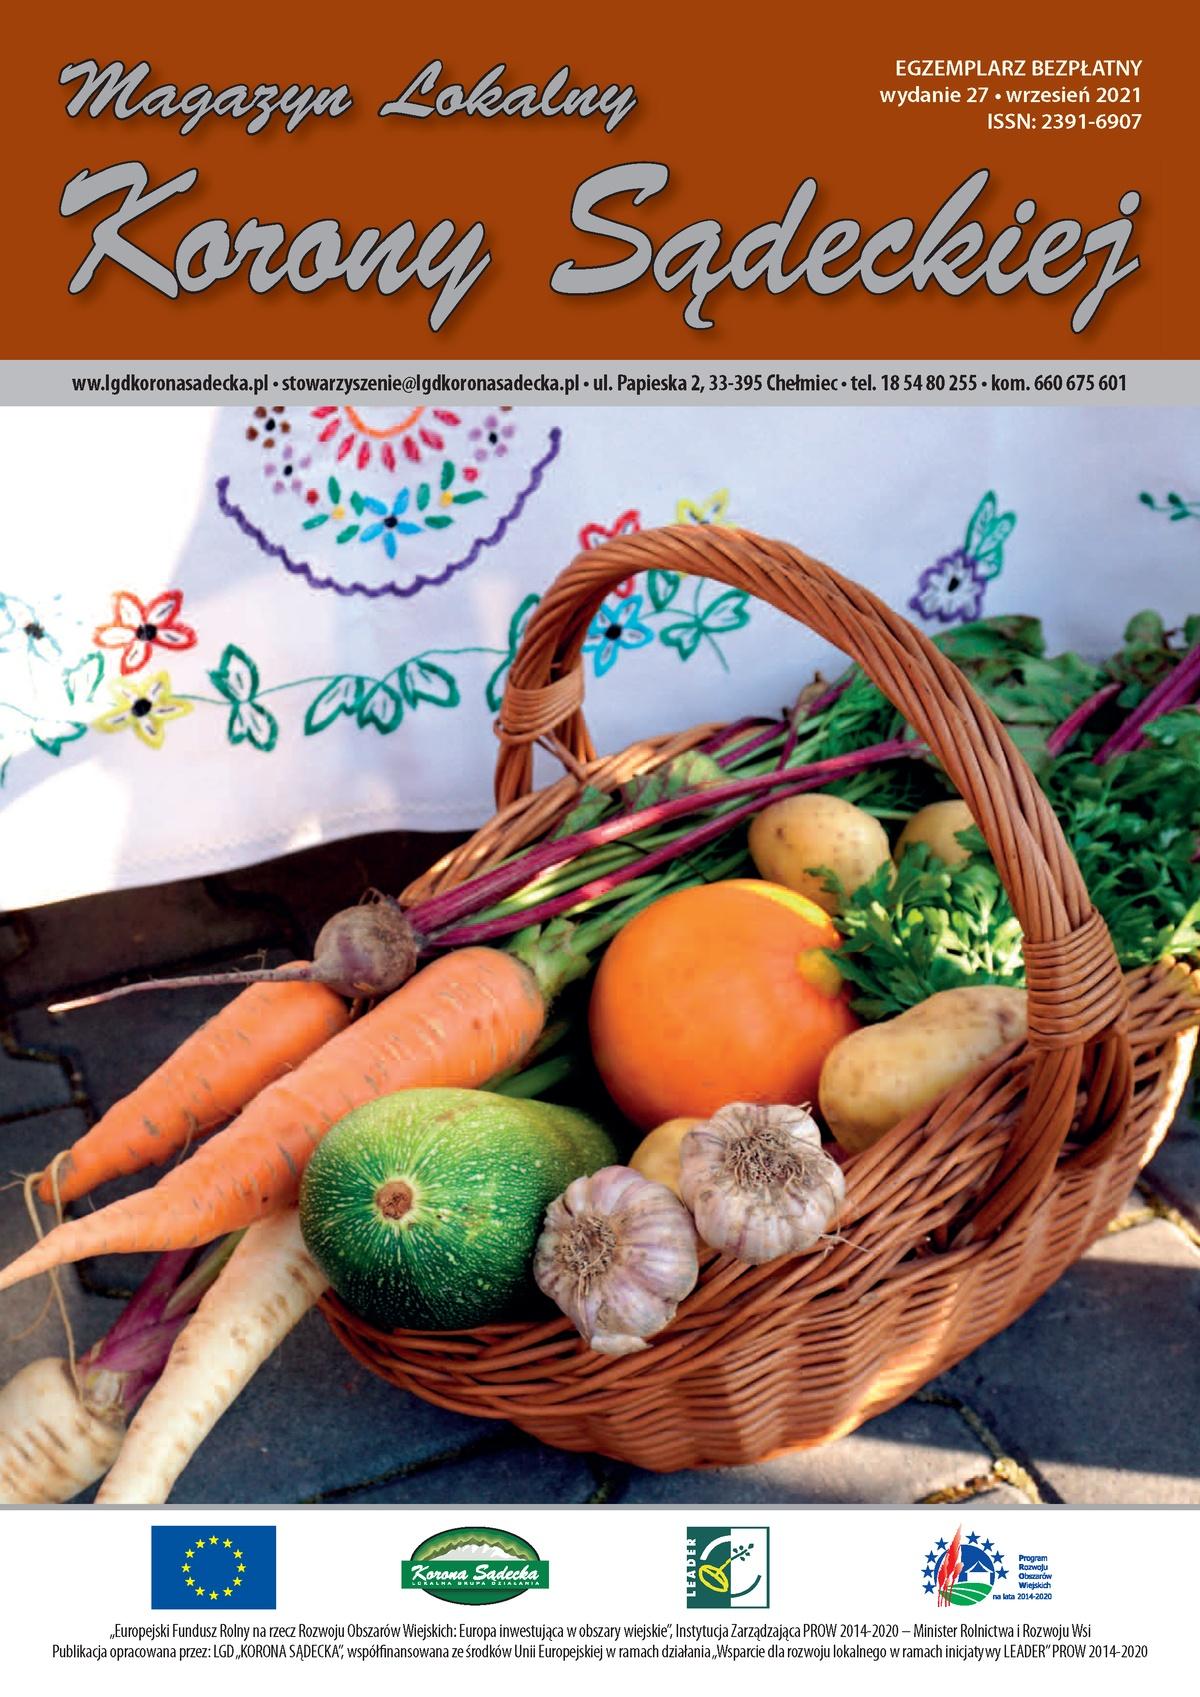 Wiklinowy koszyk pełen warzyw